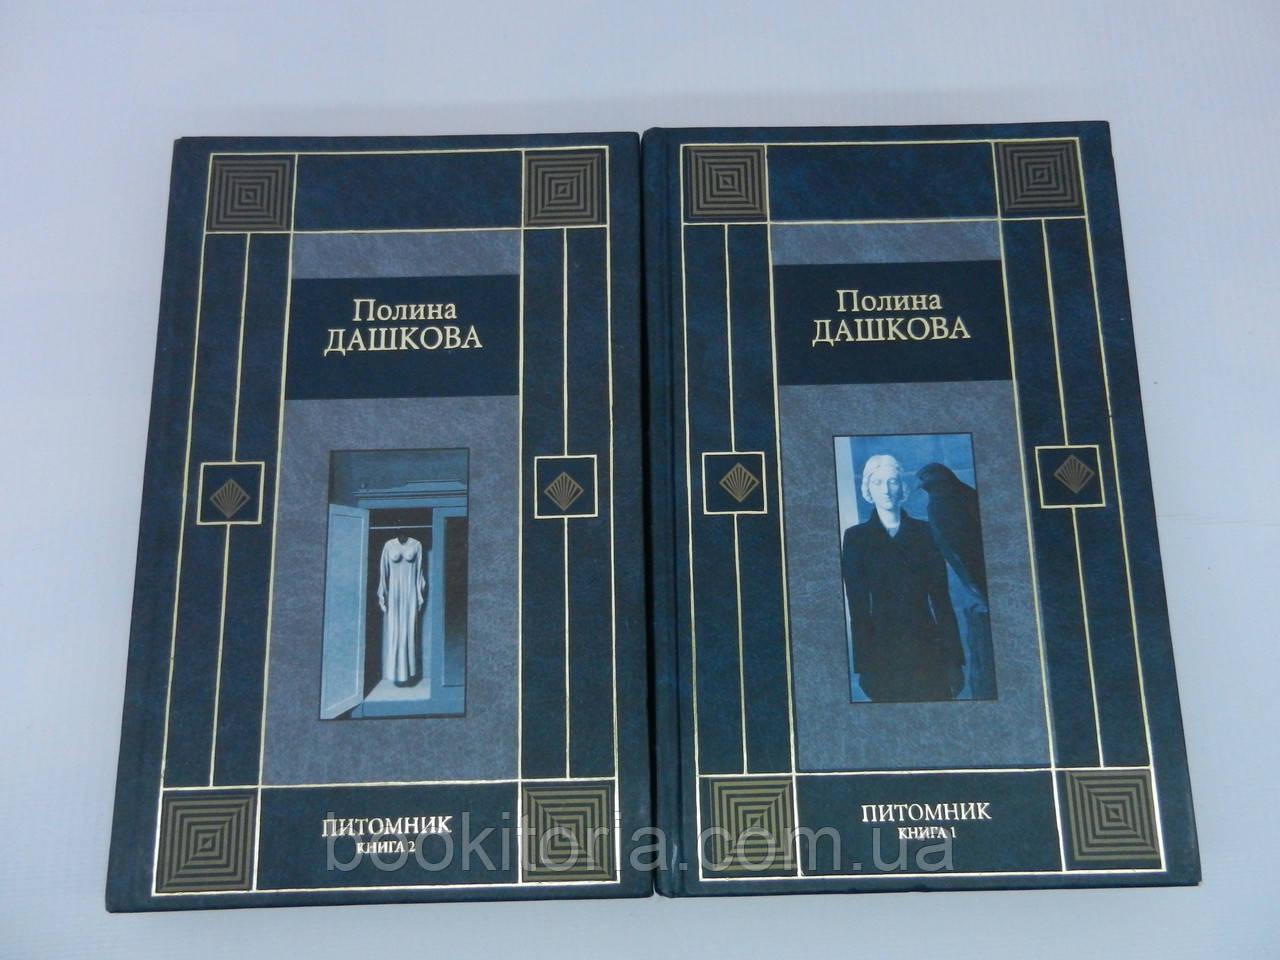 Дашкова П. Питомник. В двух книгах (б/у).